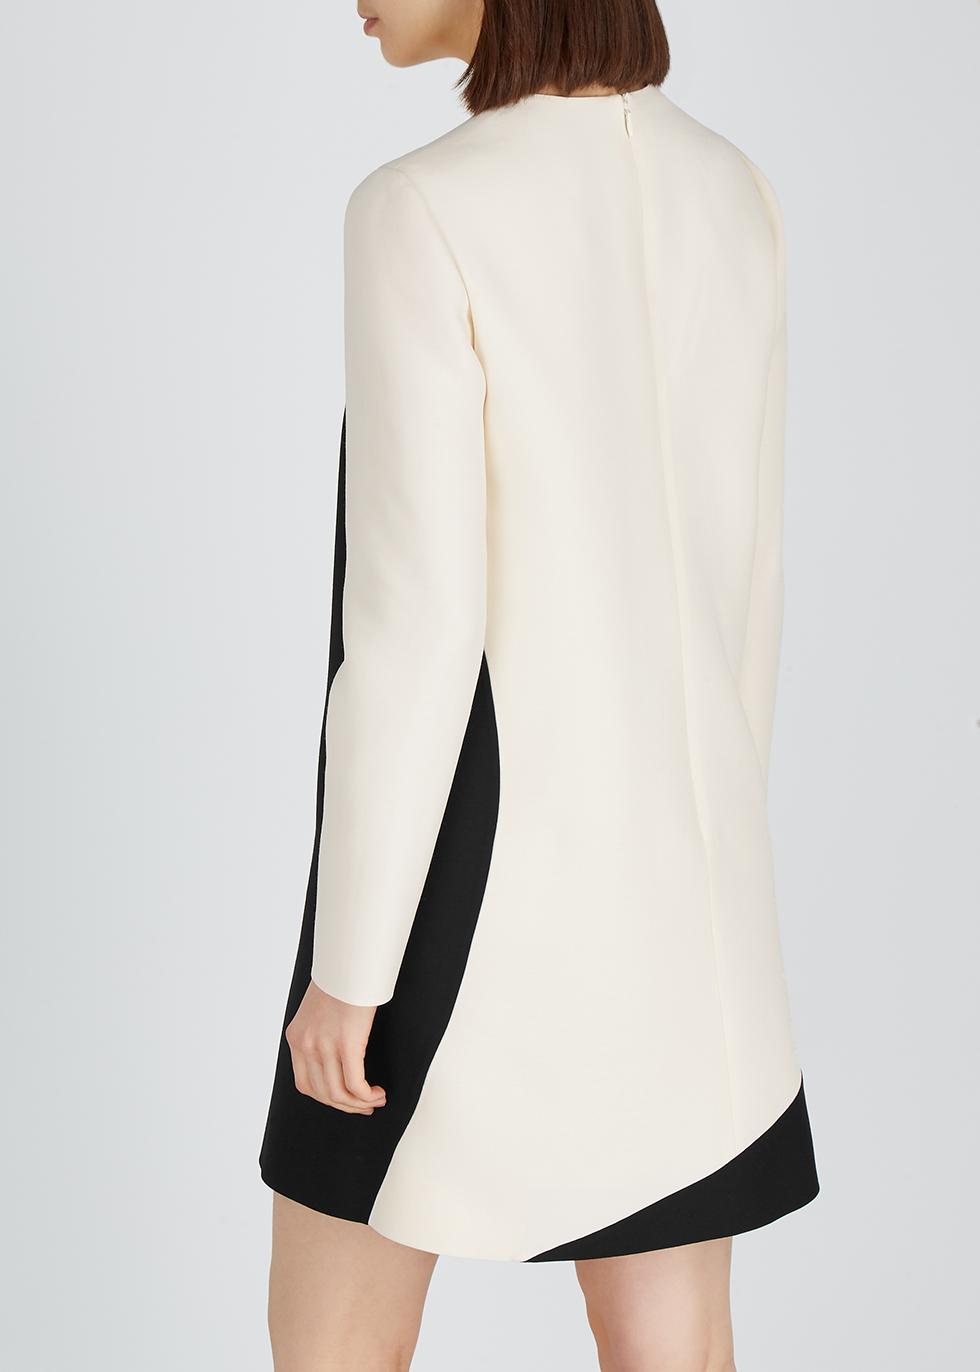 Monochrome wool-blend mini shift dress - Valentino